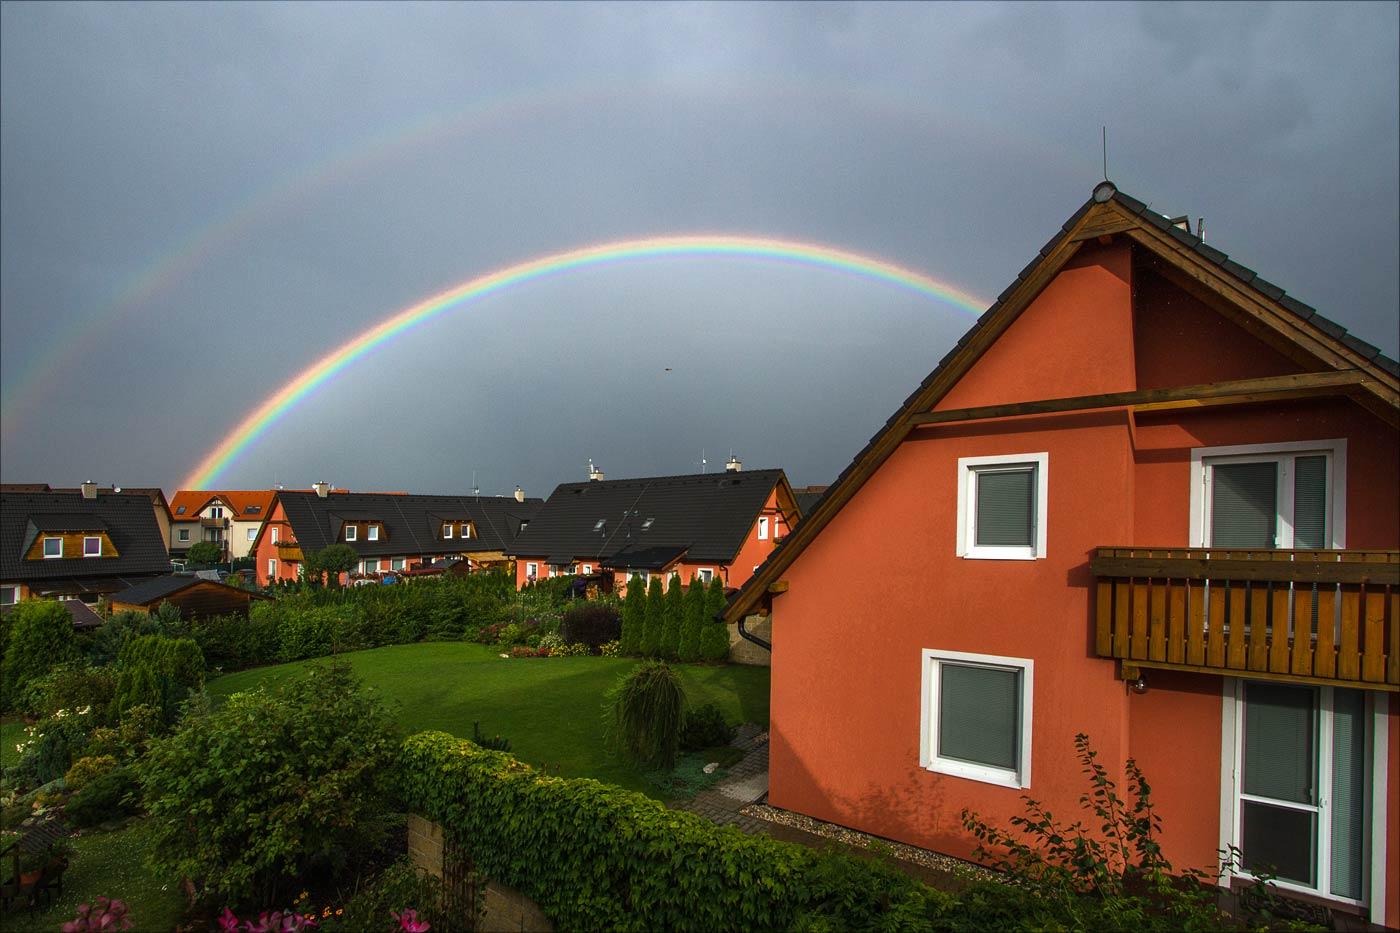 Двойная радуга после дождя